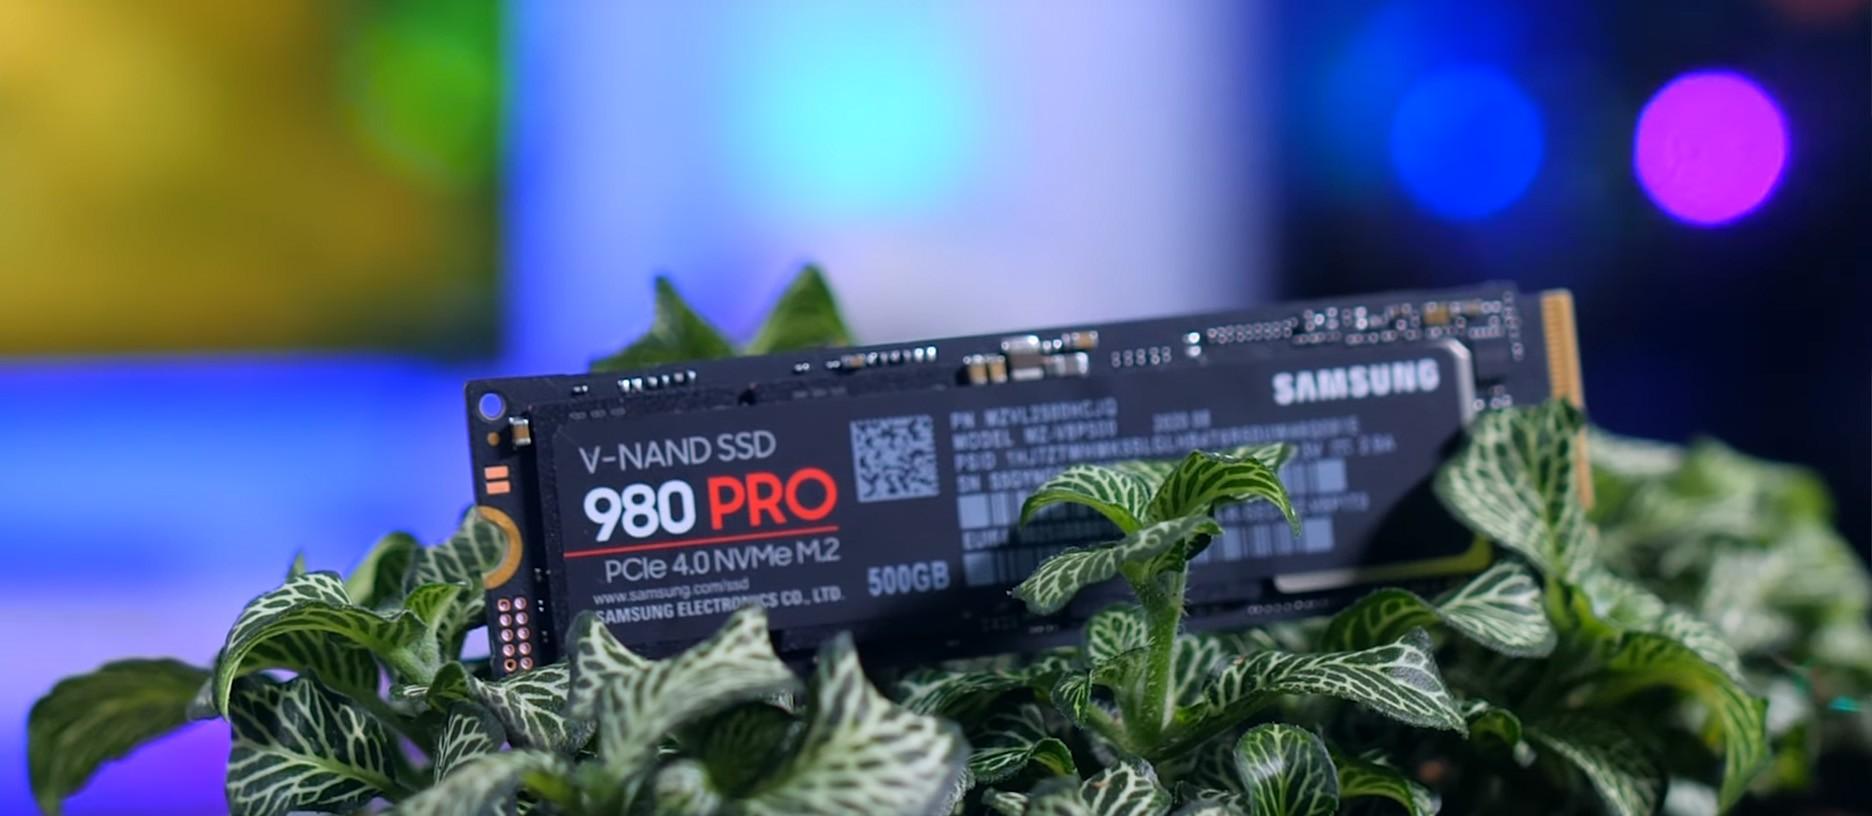 980 PRO 500GB